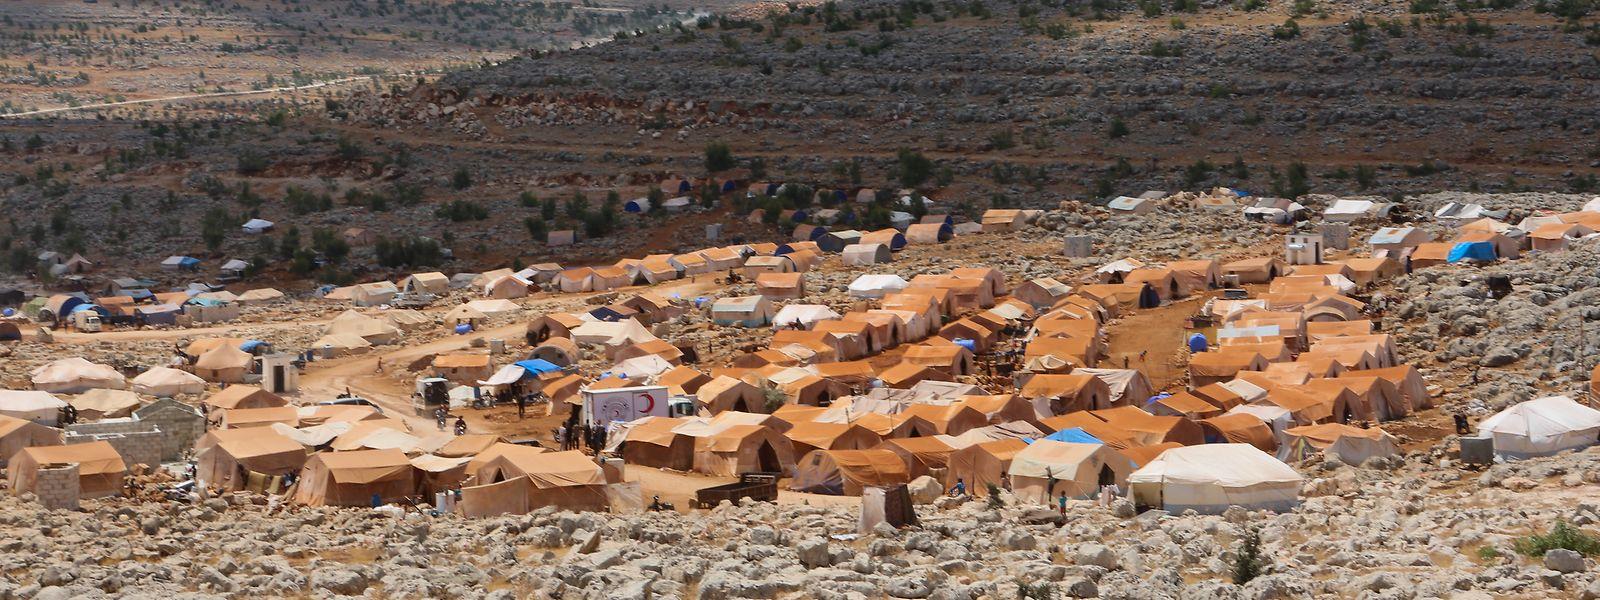 Syrien: Ein Lager für Binnenvertriebene in der Nähe der türkischen Grenze.